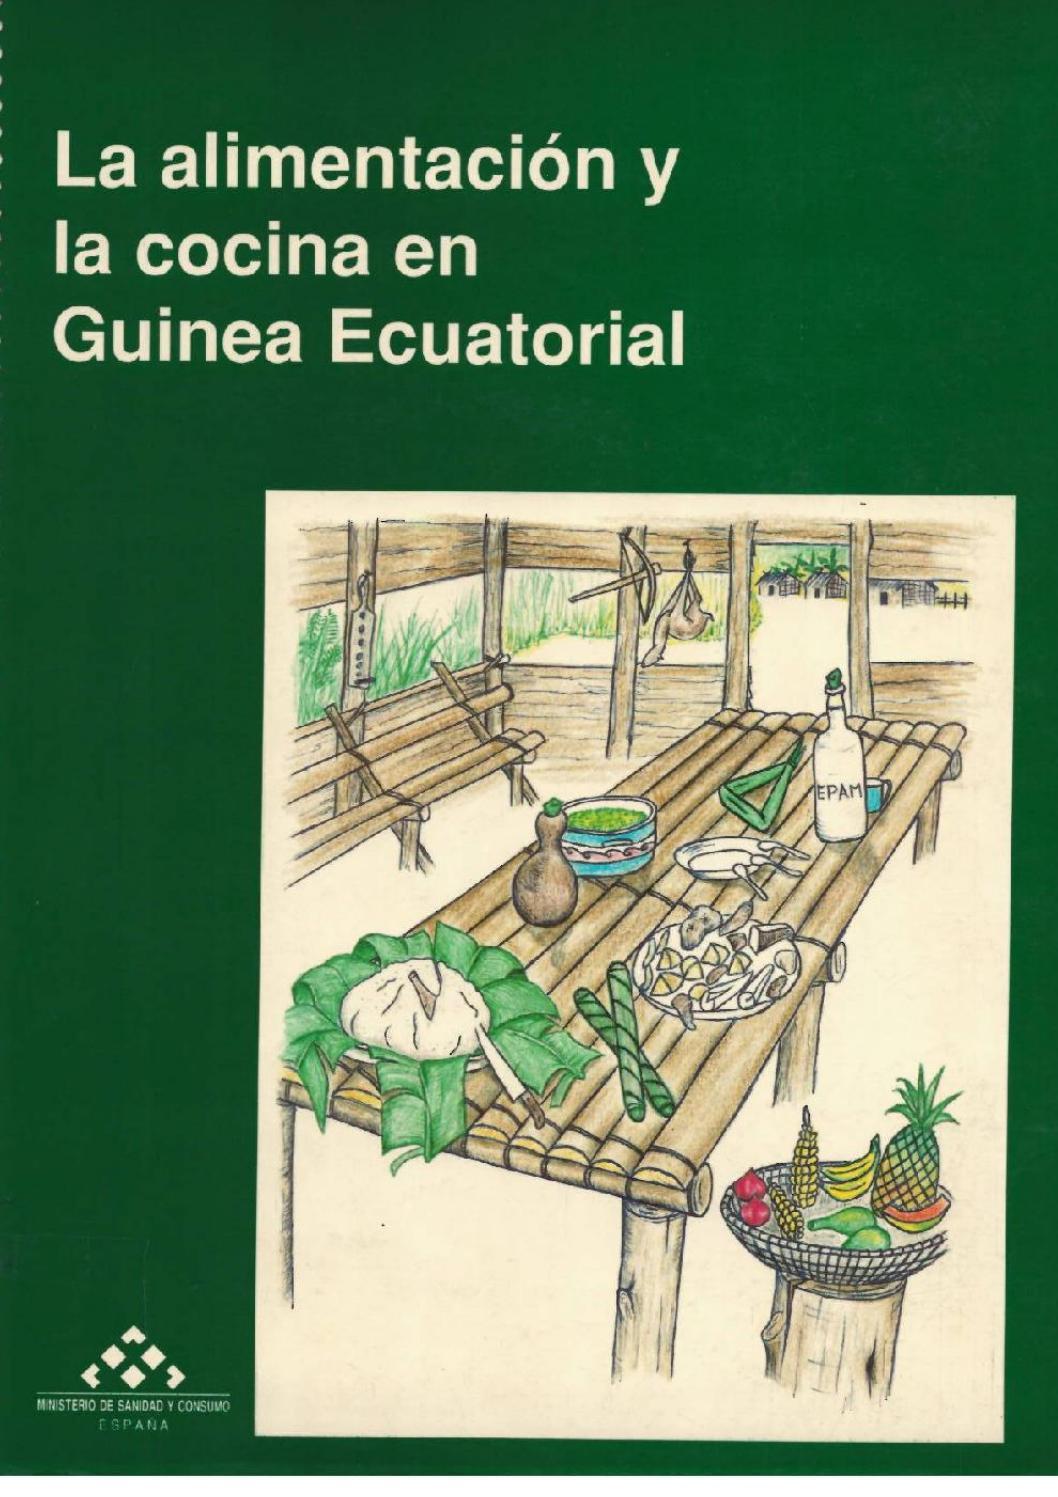 4cf95e33cacc La alimentación y la cocina en Guinea Ecuatorial by Centro Cultural ...